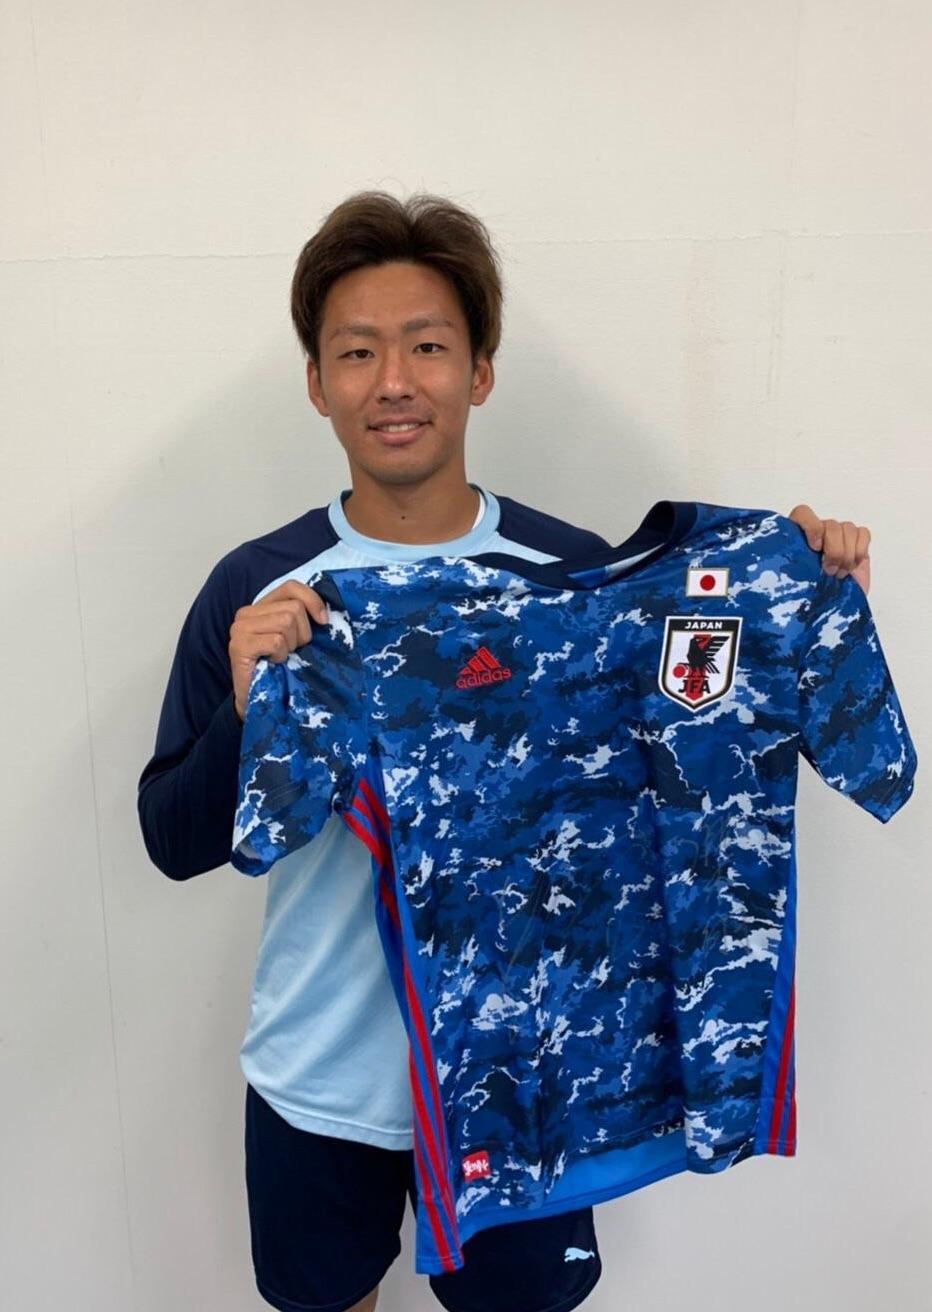 【直筆サイン入り公式】U-23日本代表 舩木 翔 選手(ジュビロ磐田)